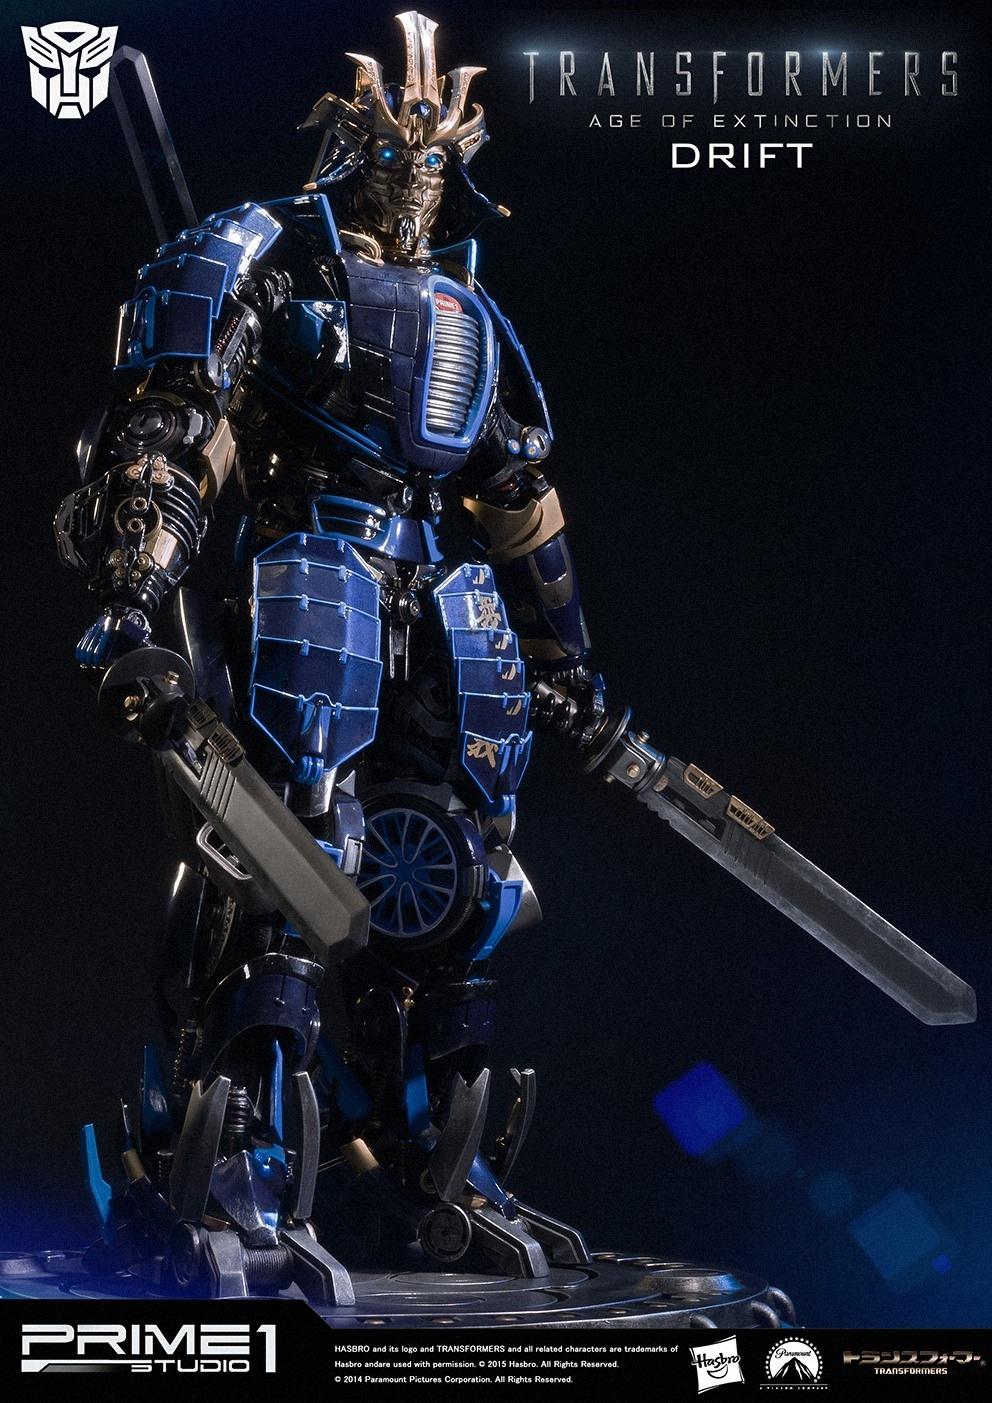 Statues des Films Transformers (articulé, non transformable) ― Par Prime1Studio, M3 Studio, Concept Zone, Super Fans Group, Soap Studio, Soldier Story Toys, etc - Page 3 930123image1423753410